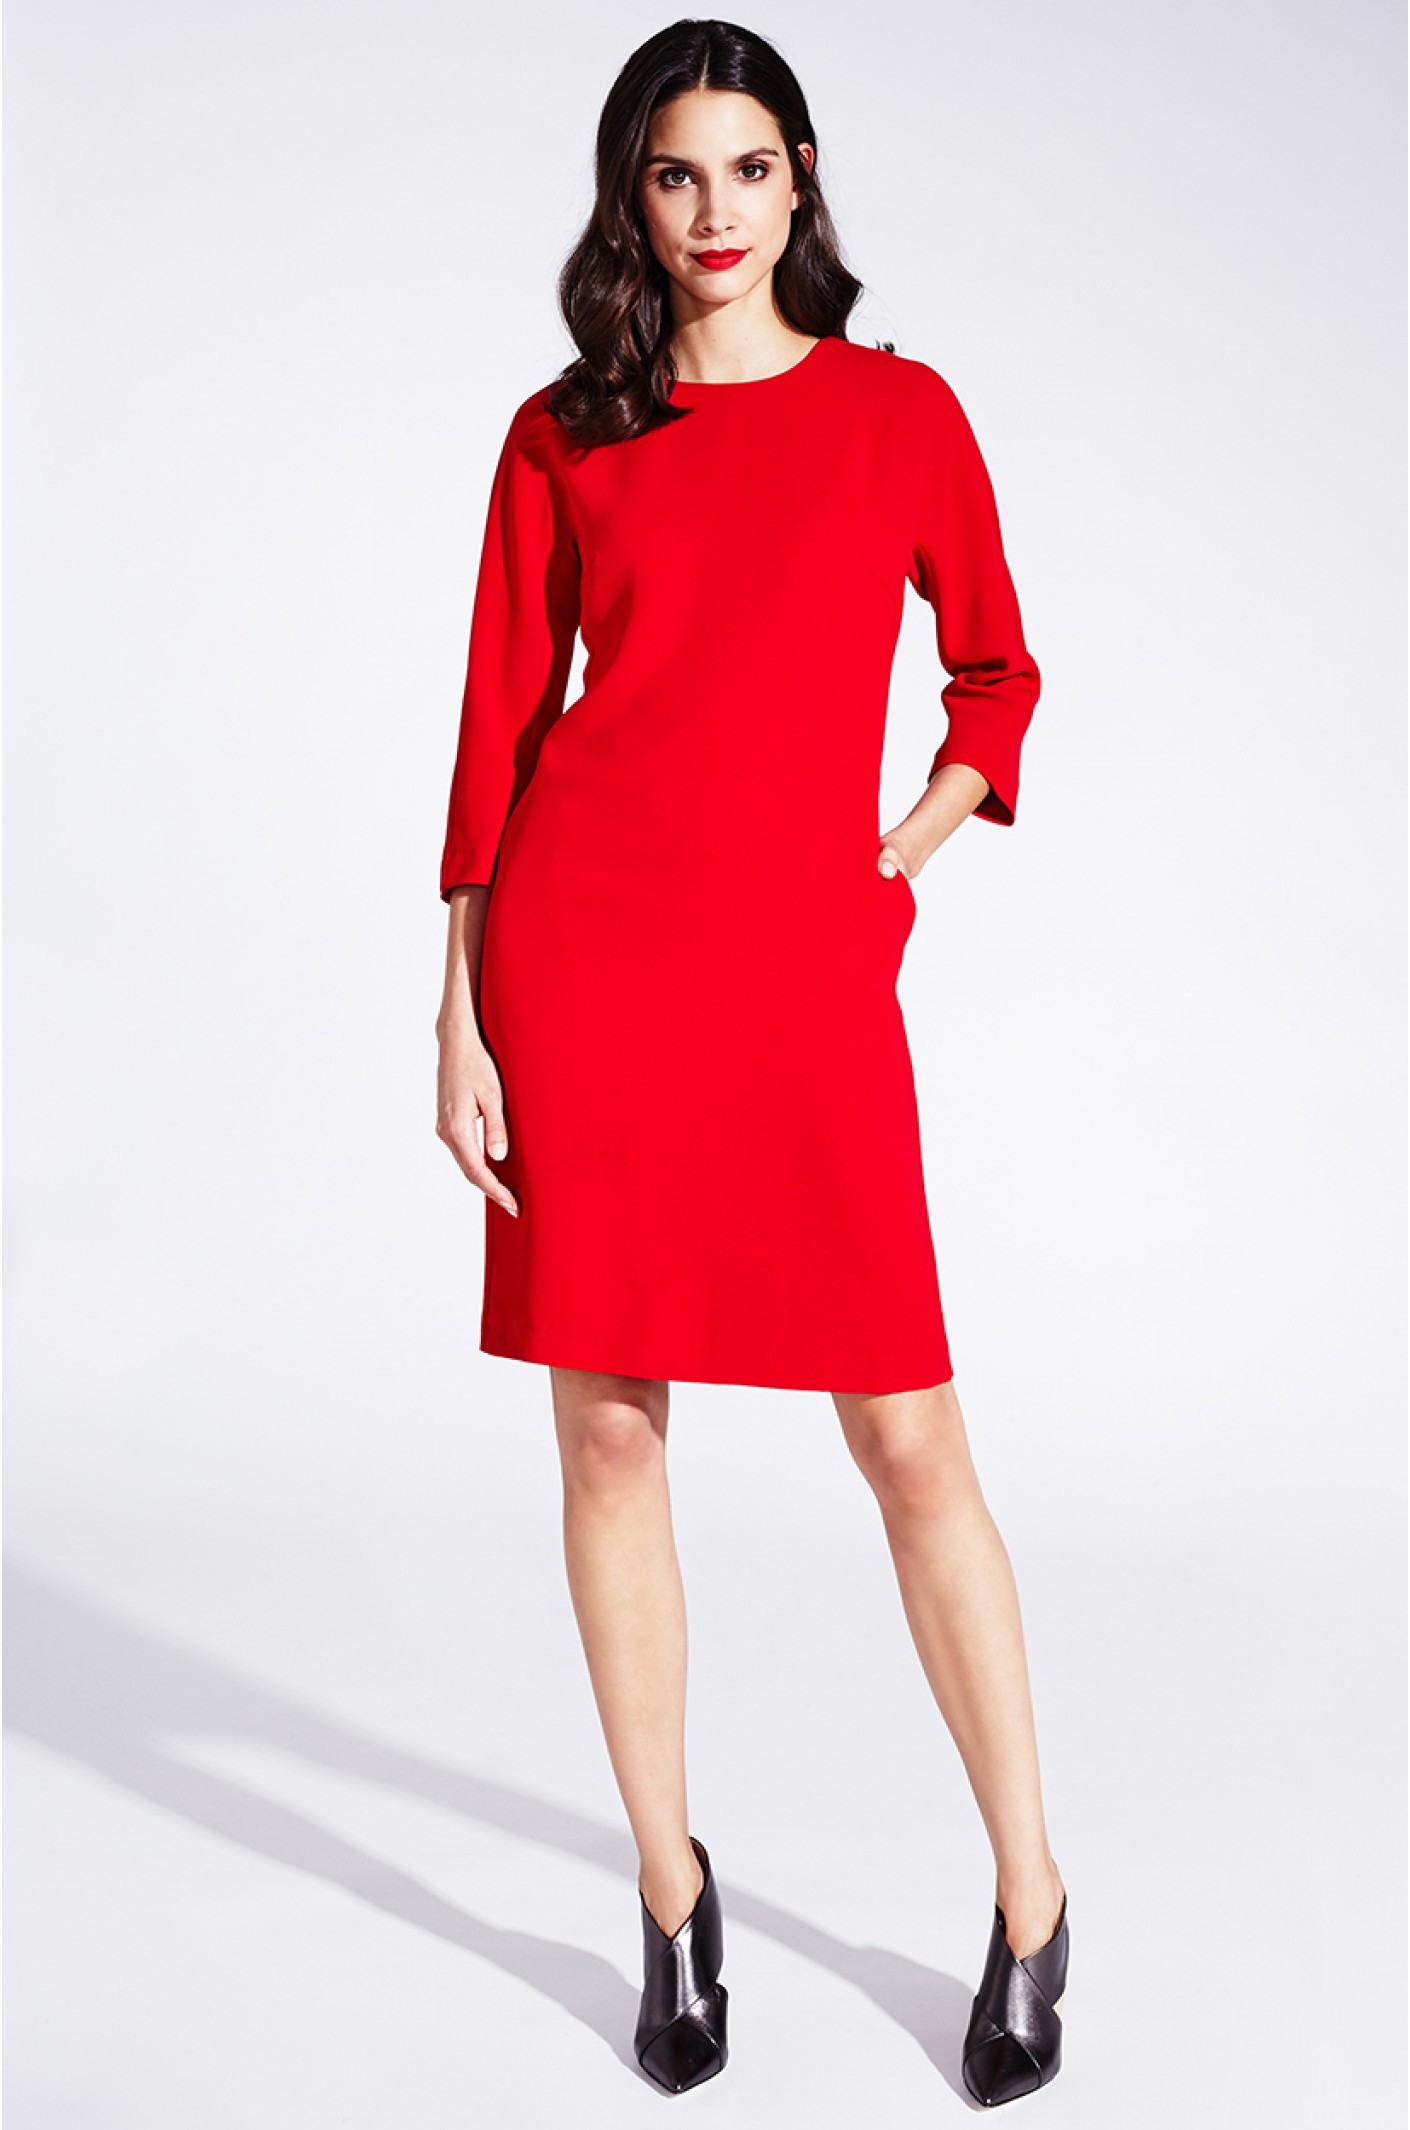 13 Einfach Kleid Rot Bester Preis20 Genial Kleid Rot für 2019